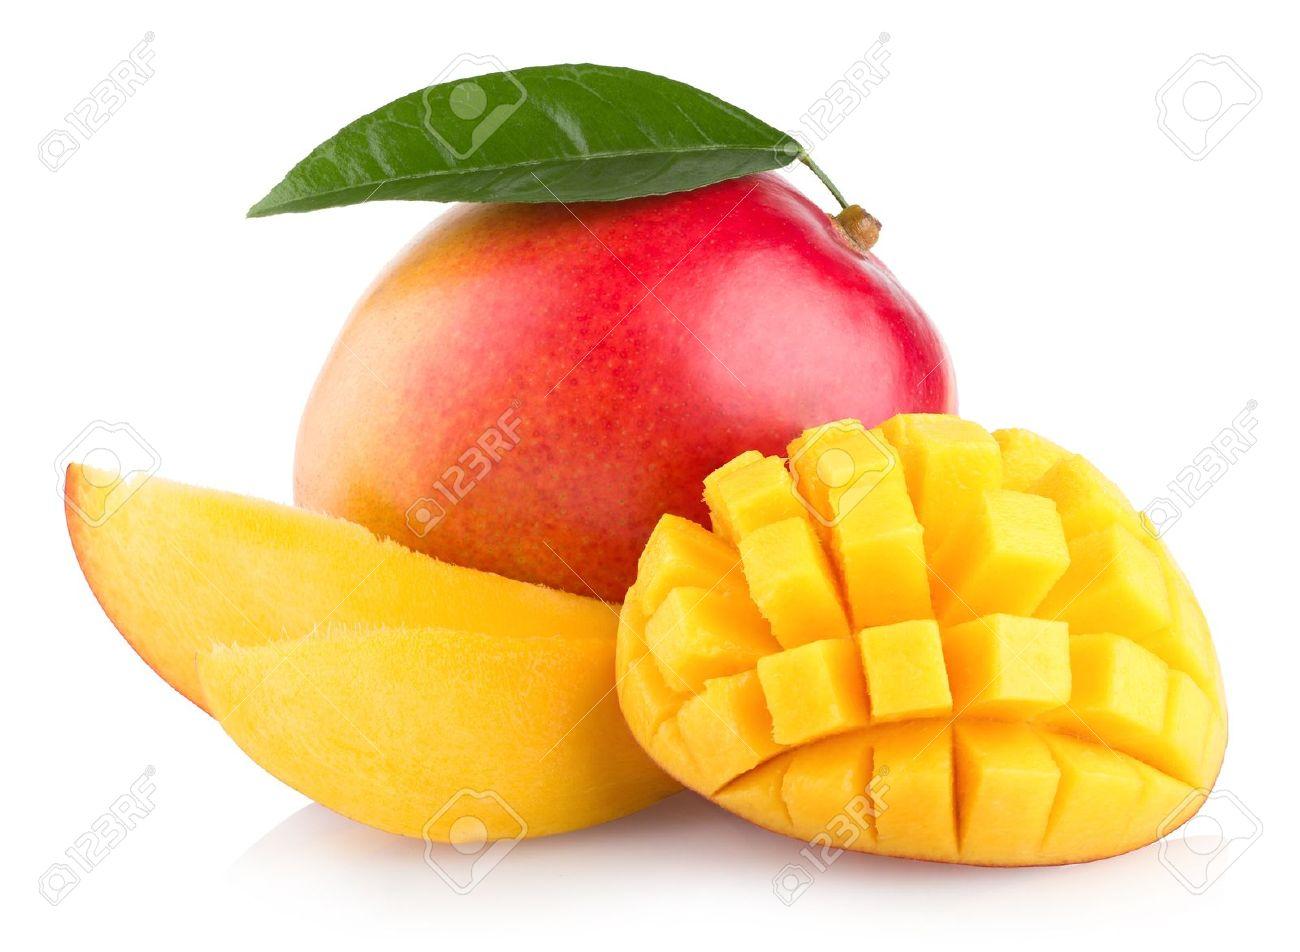 1300x952 Mango Fruit Images Amp Stock Pictures. Royalty Free Mango Fruit